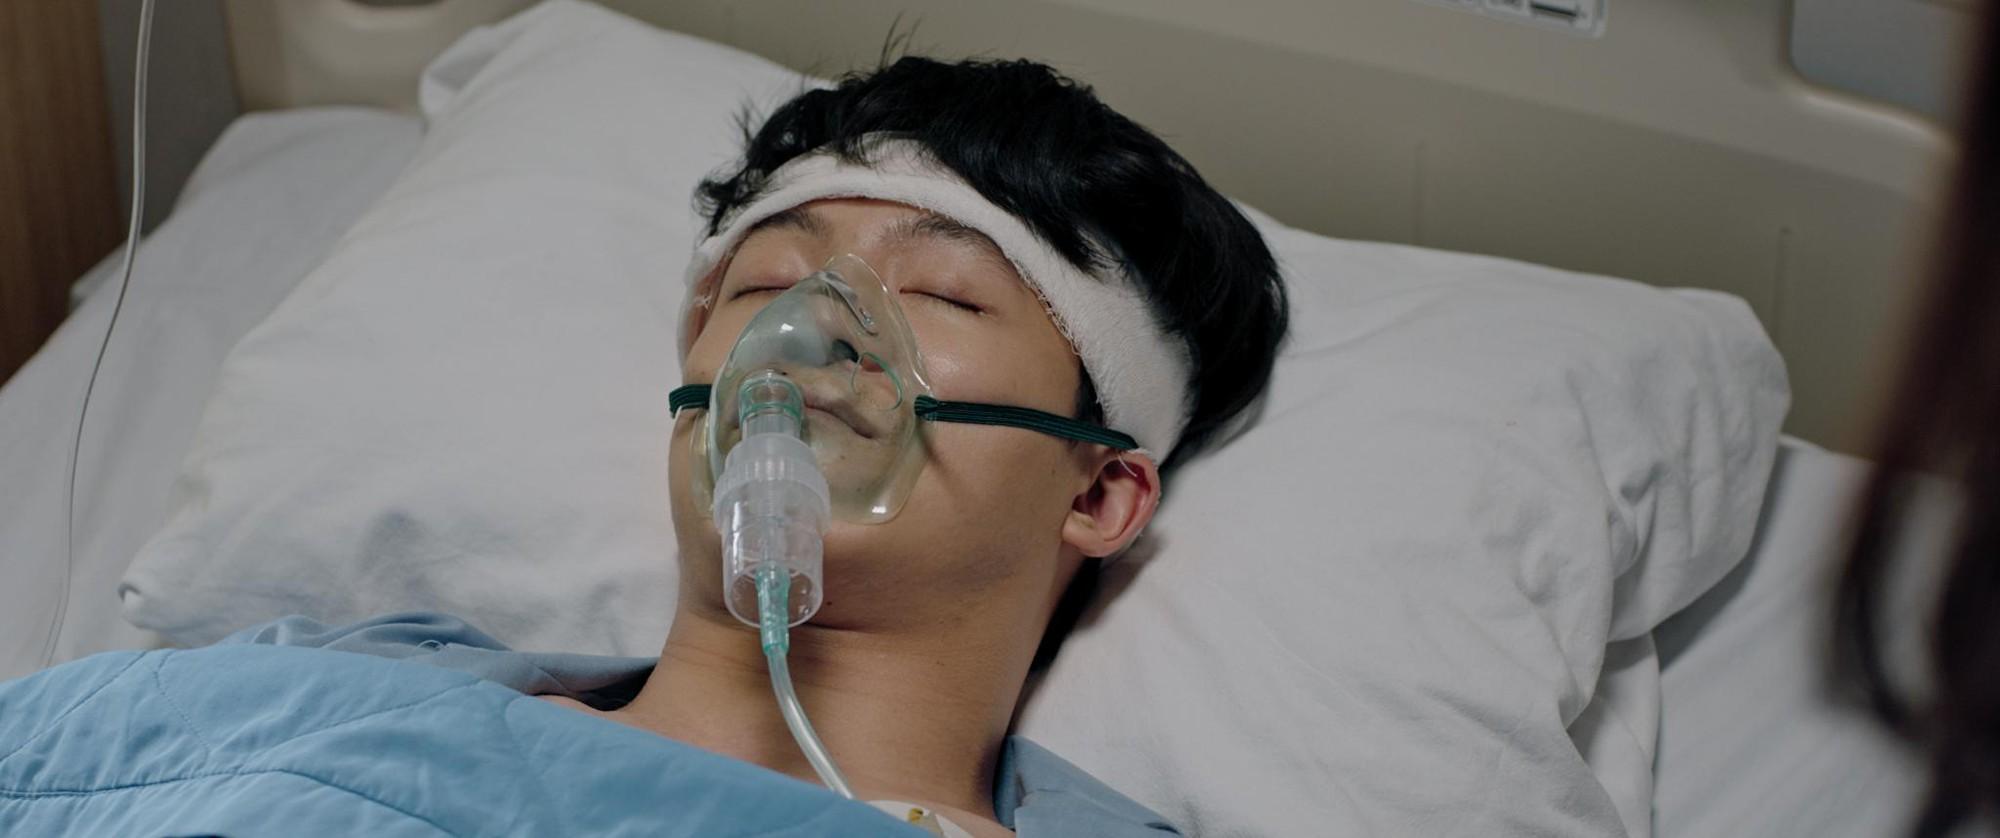 Harry Lu gây xúc động với vai diễn trở lại màn ảnh rộng sau tai nạn giao thông nghiêm trọng - Ảnh 3.